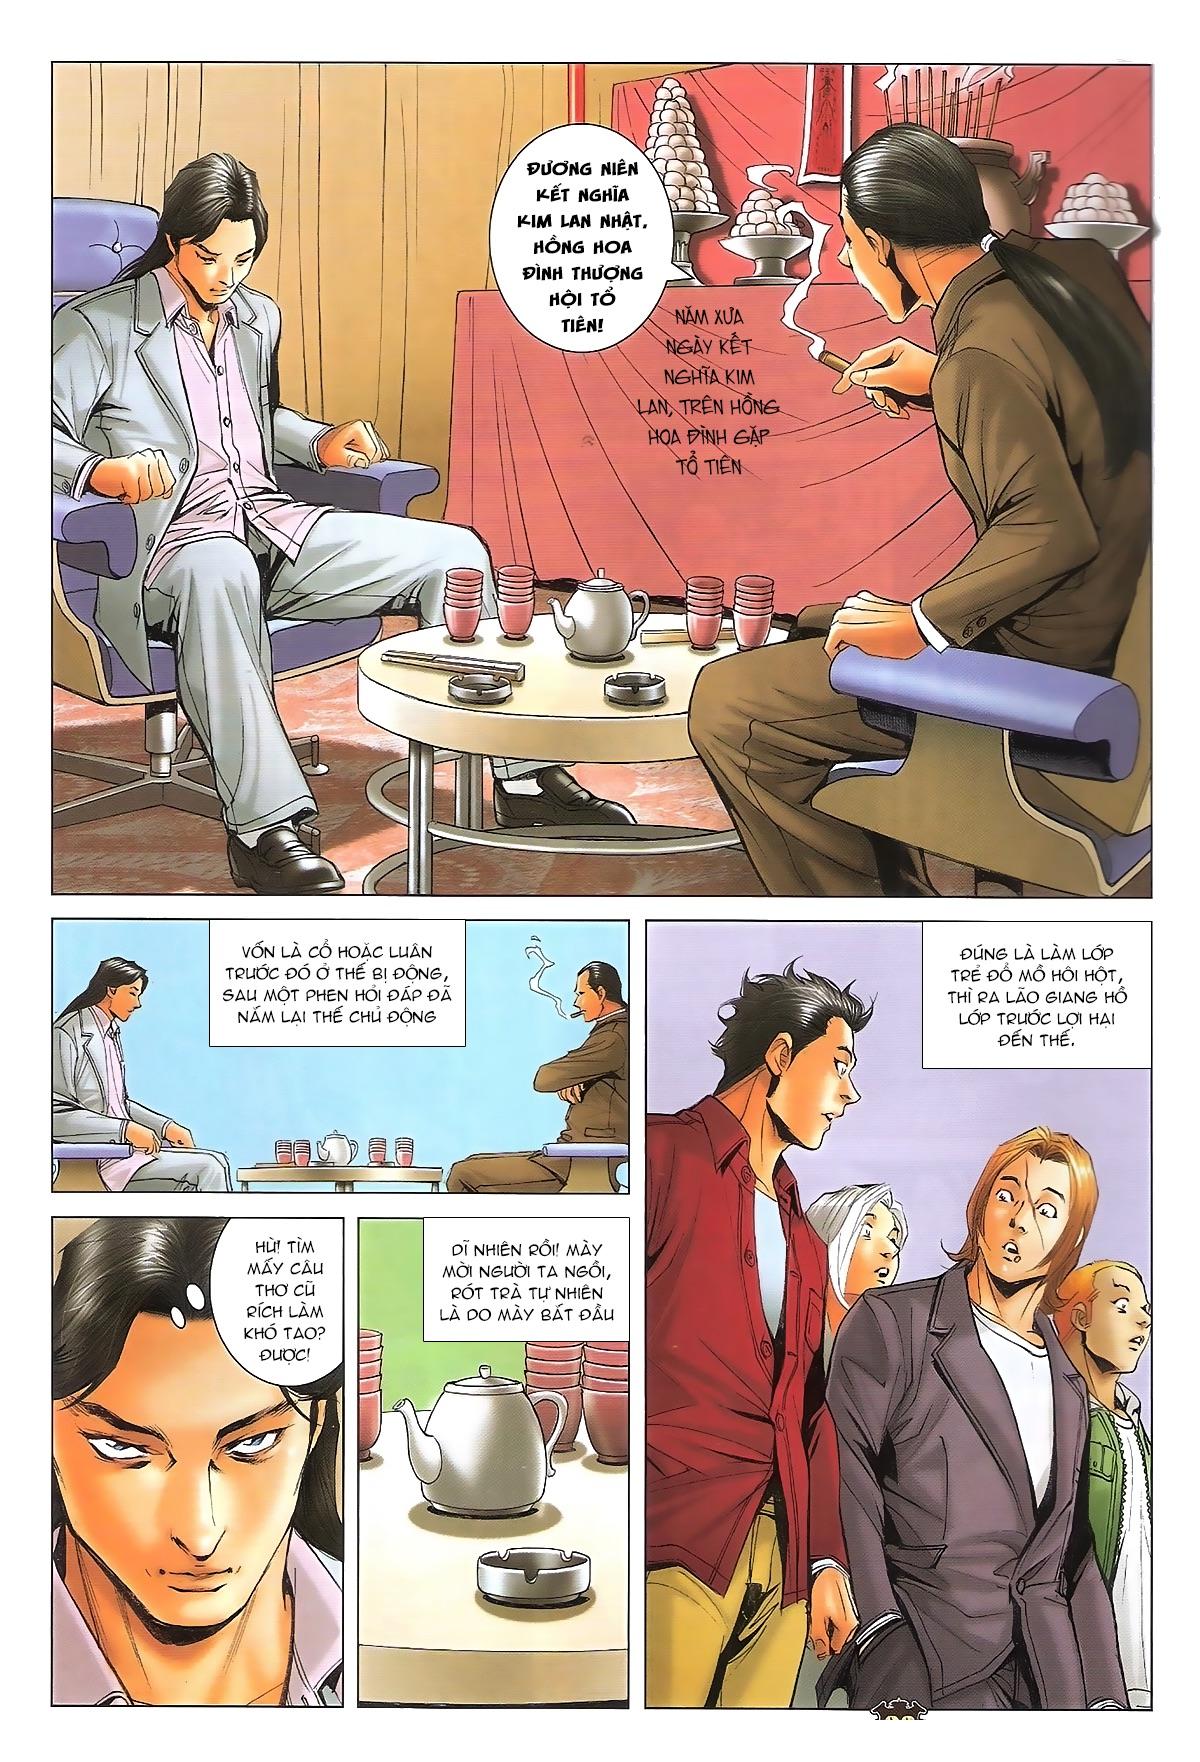 Người Trong Giang Hồ - Ngũ Hổ qui thiên - Chapter 1716: Đàm phán siêu cấp 2 - Pic 6